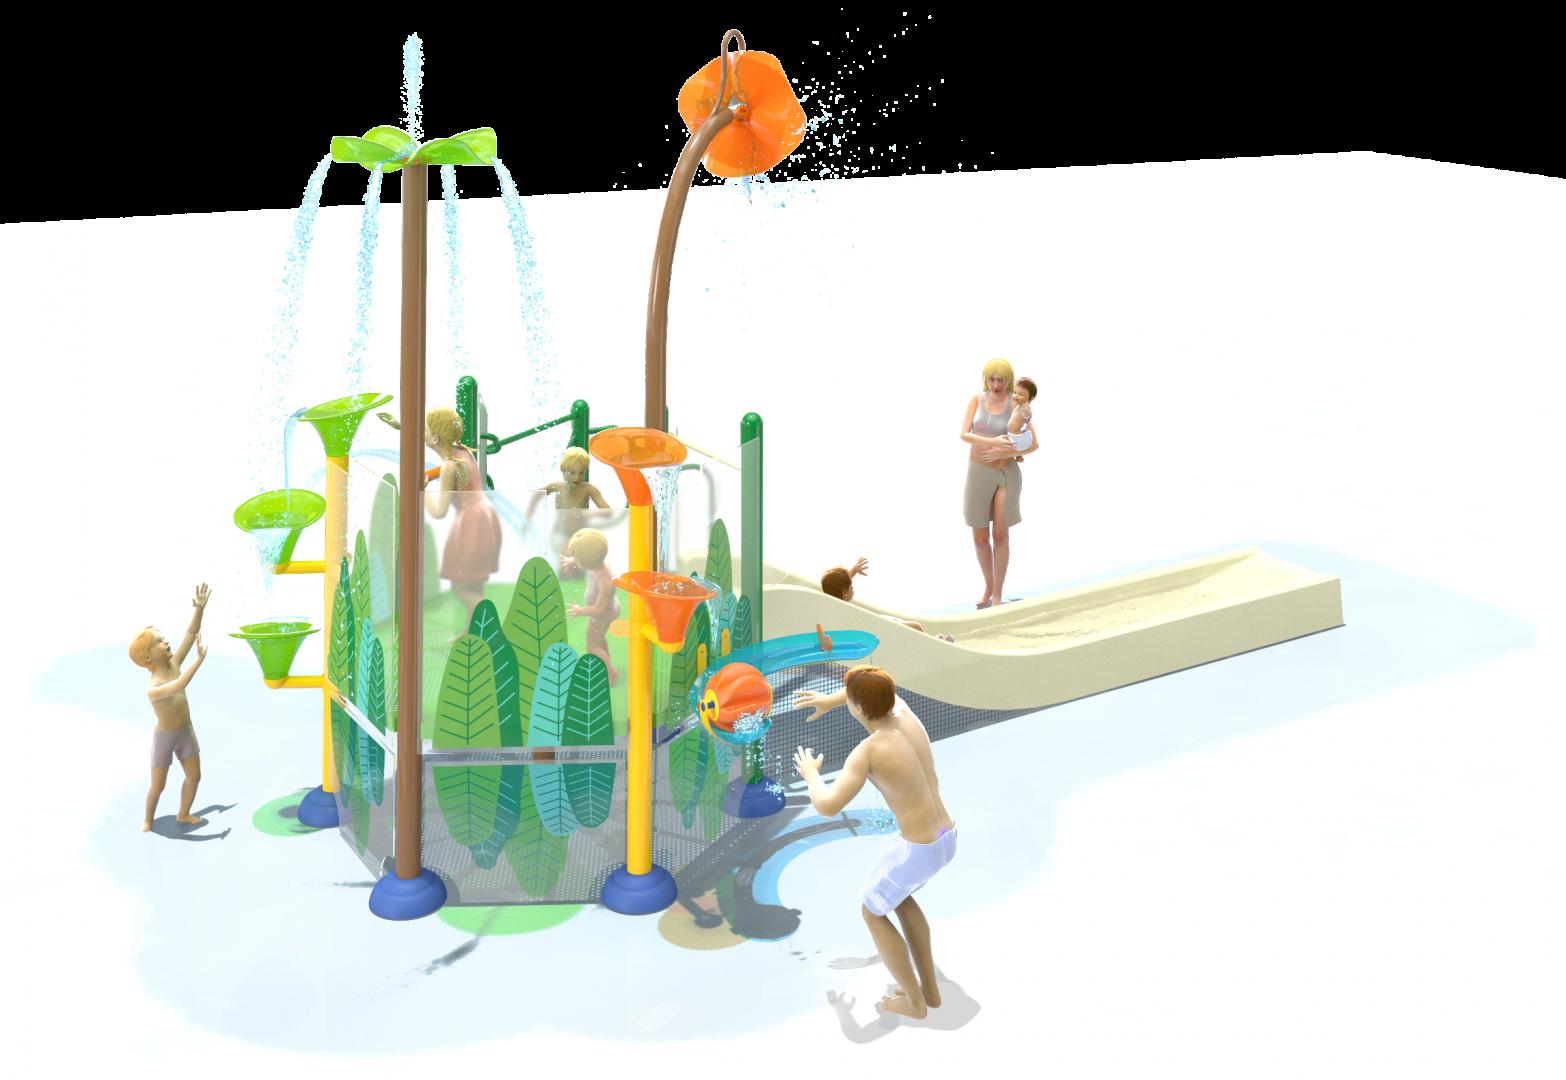 Vortex Aquatic Structure - L2-450b Elevation